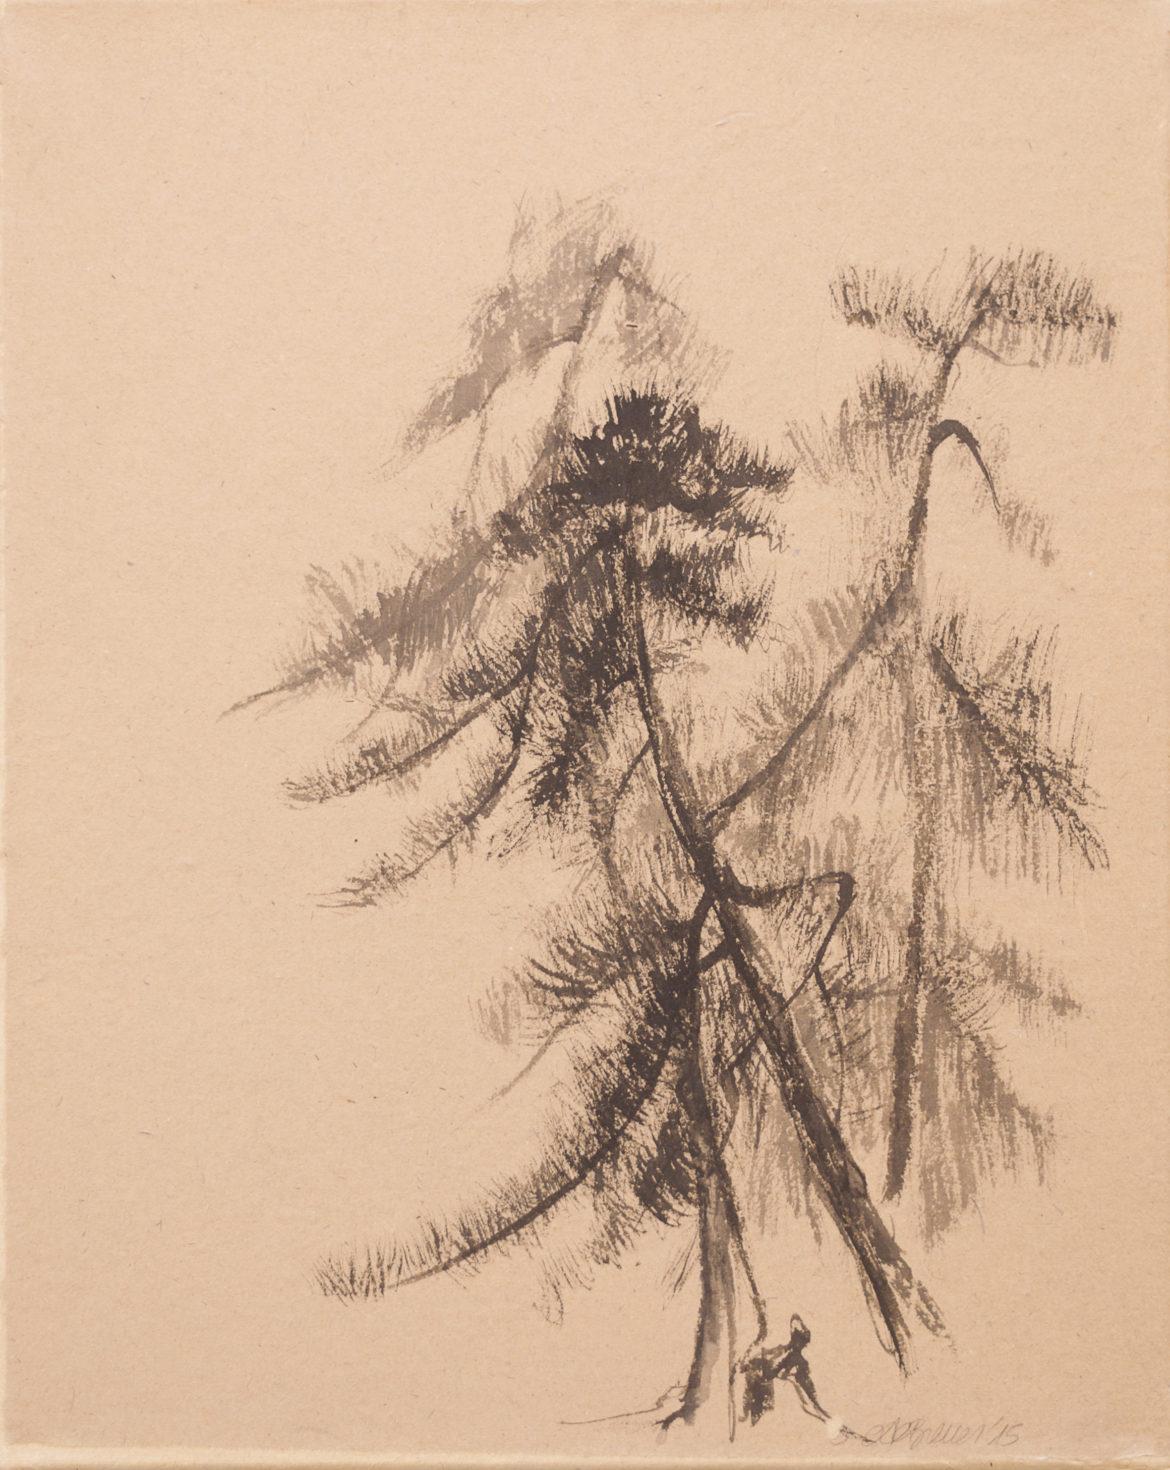 Alberi nella bruma 1 china e mallo su carta bambu' 40x50cm 201672 dpi